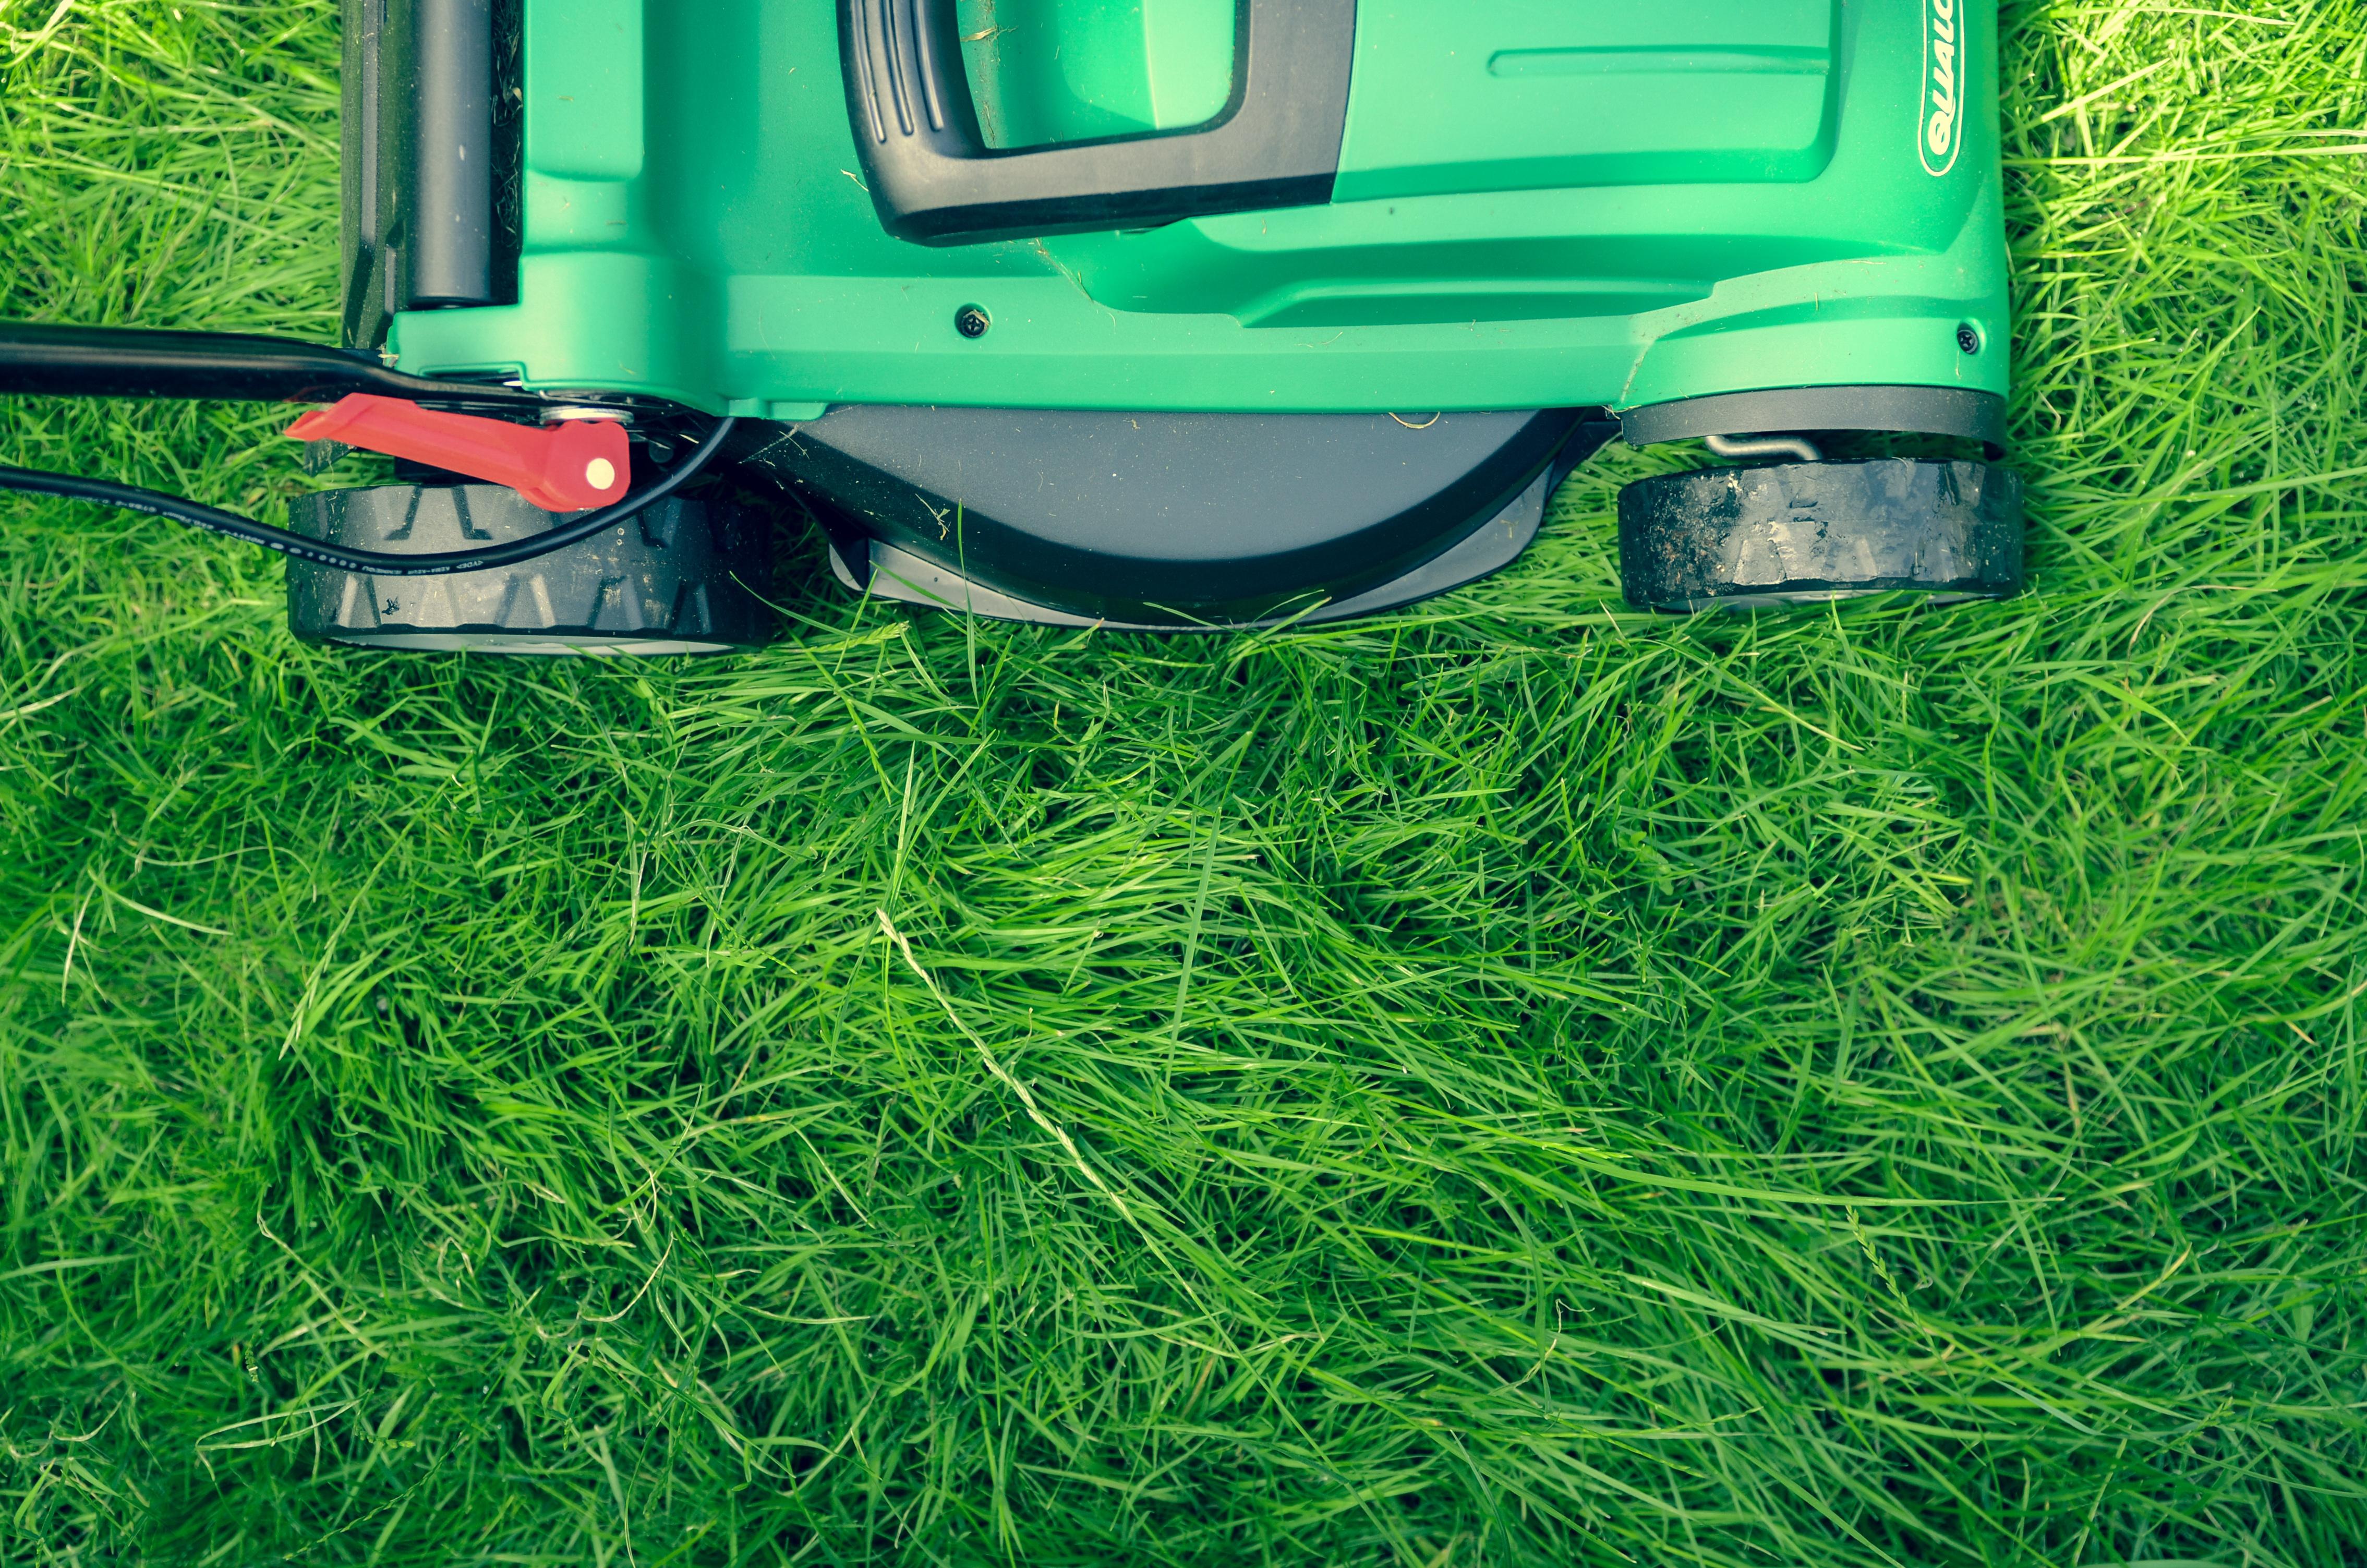 Grass Cutting Machine, Cut, Cutter, Cutting, Grass, HQ Photo